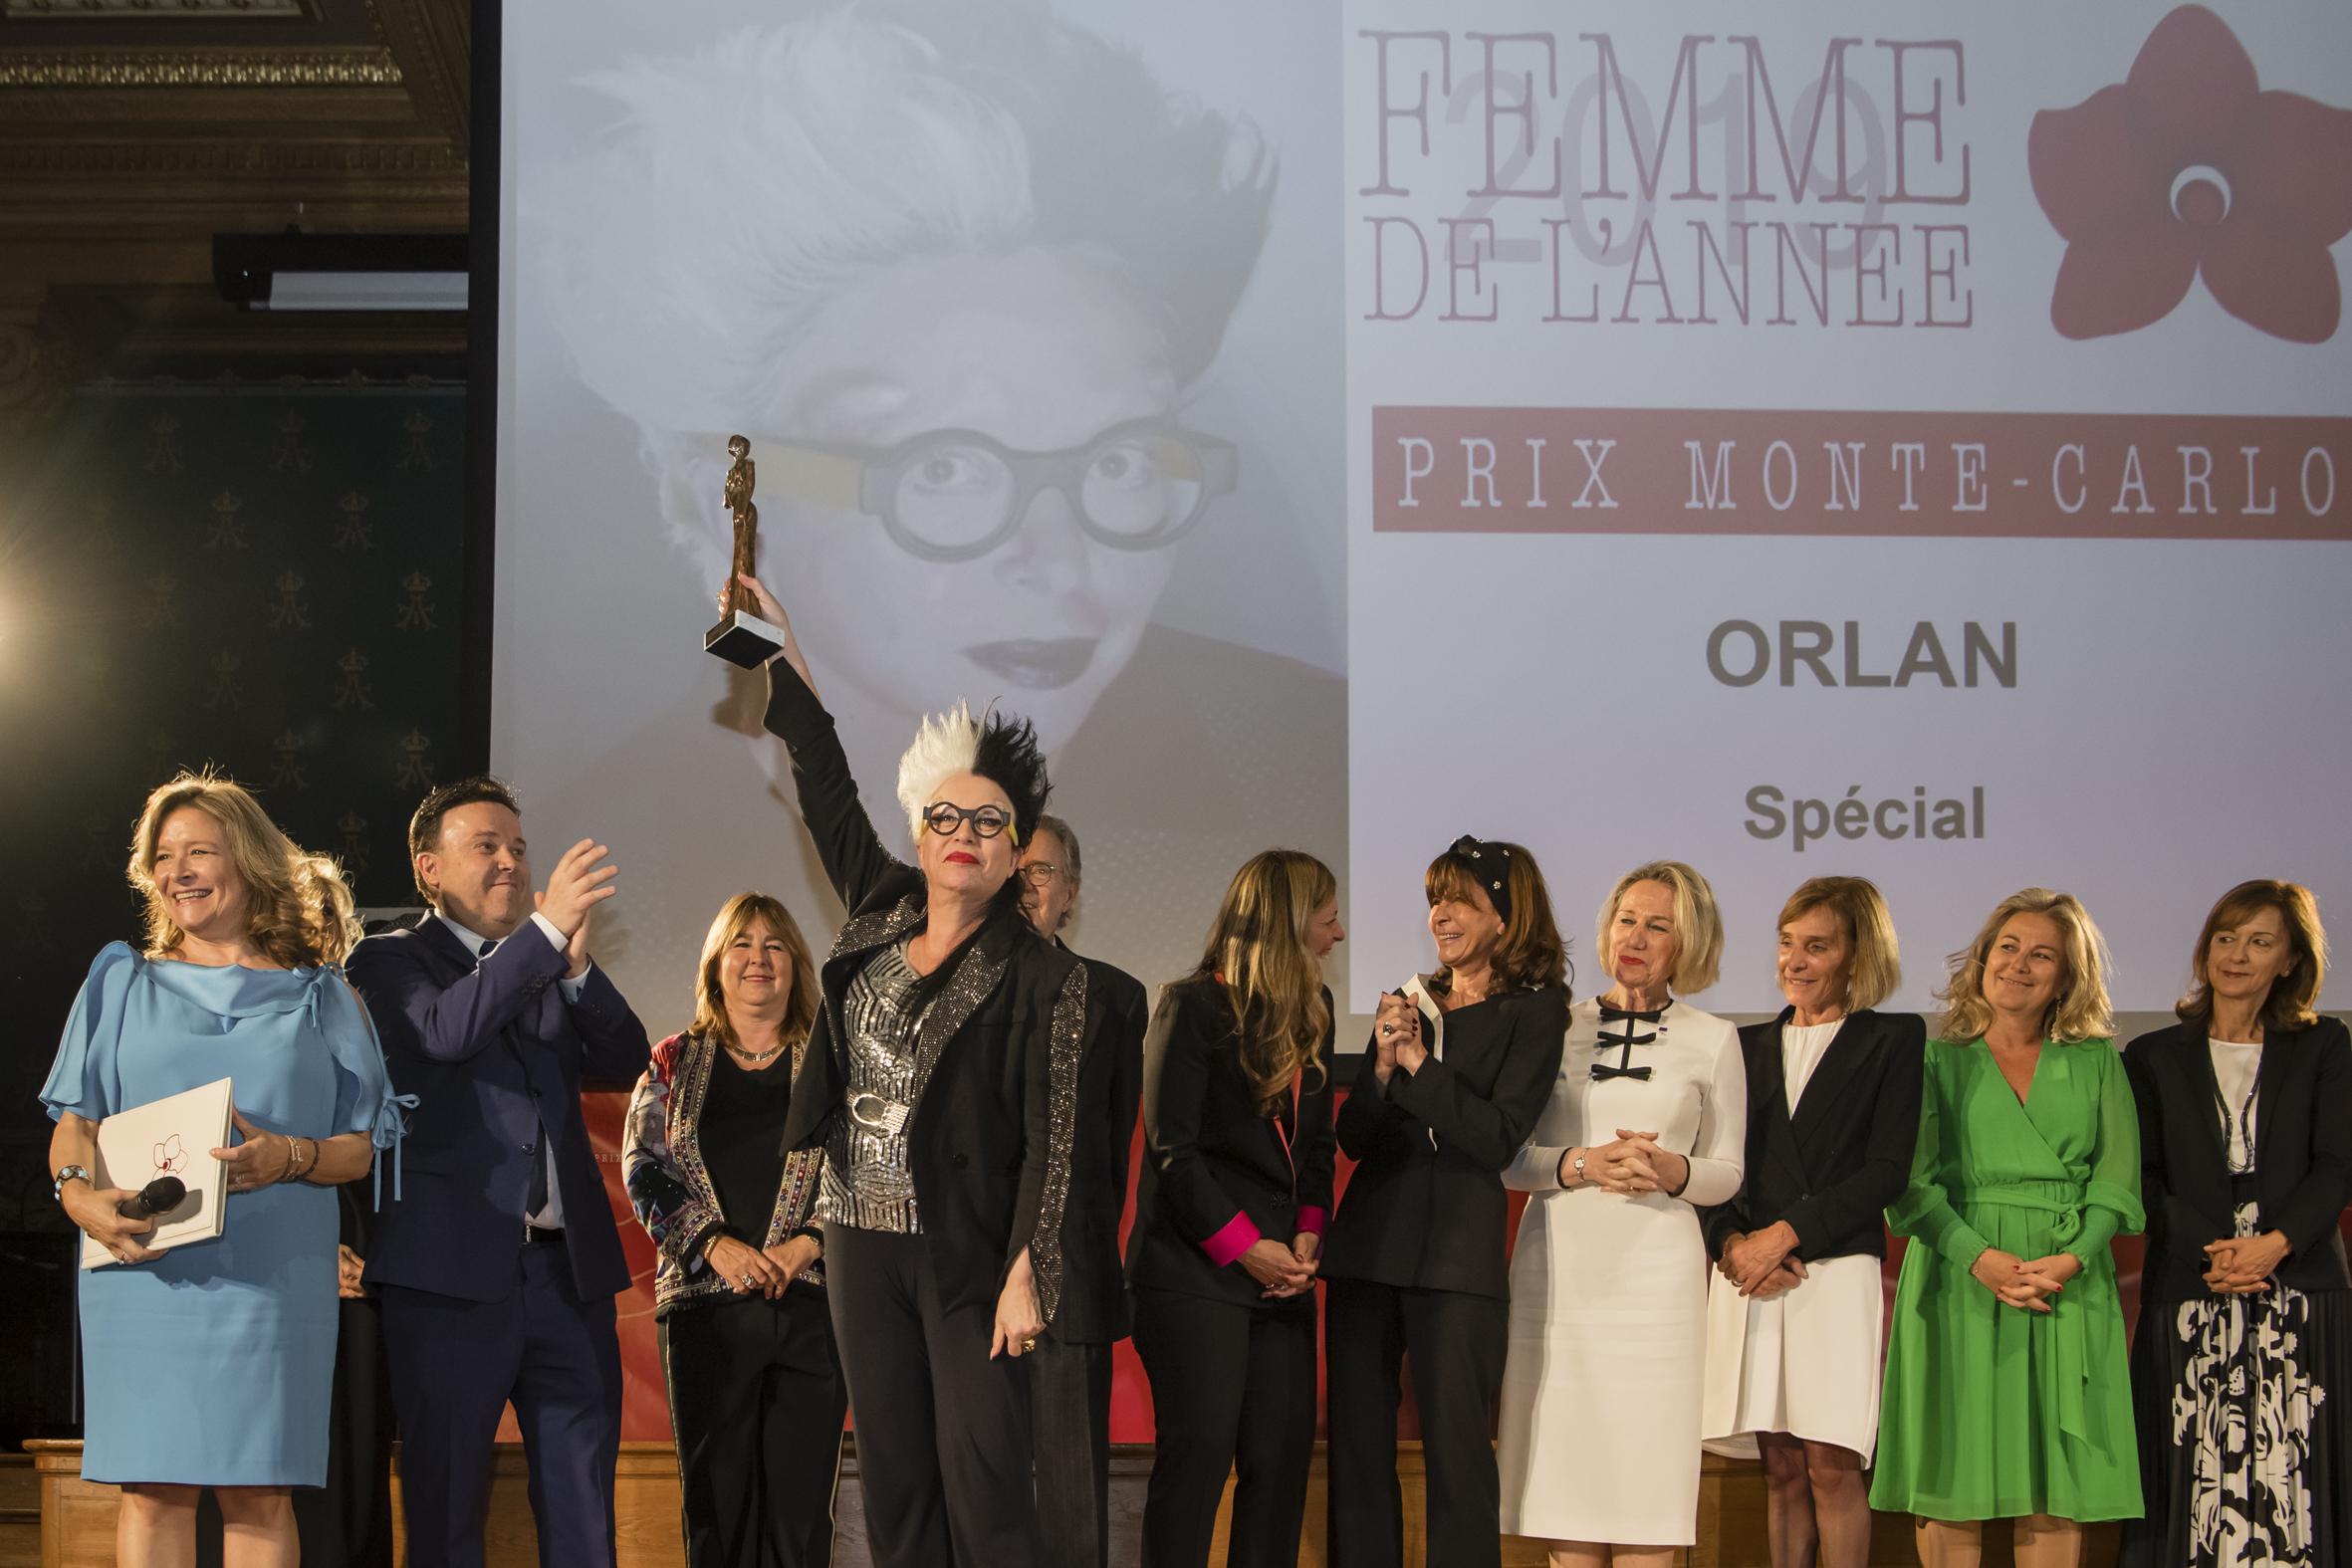 ORLAN_Special-Femme_de_l'Année-Direction